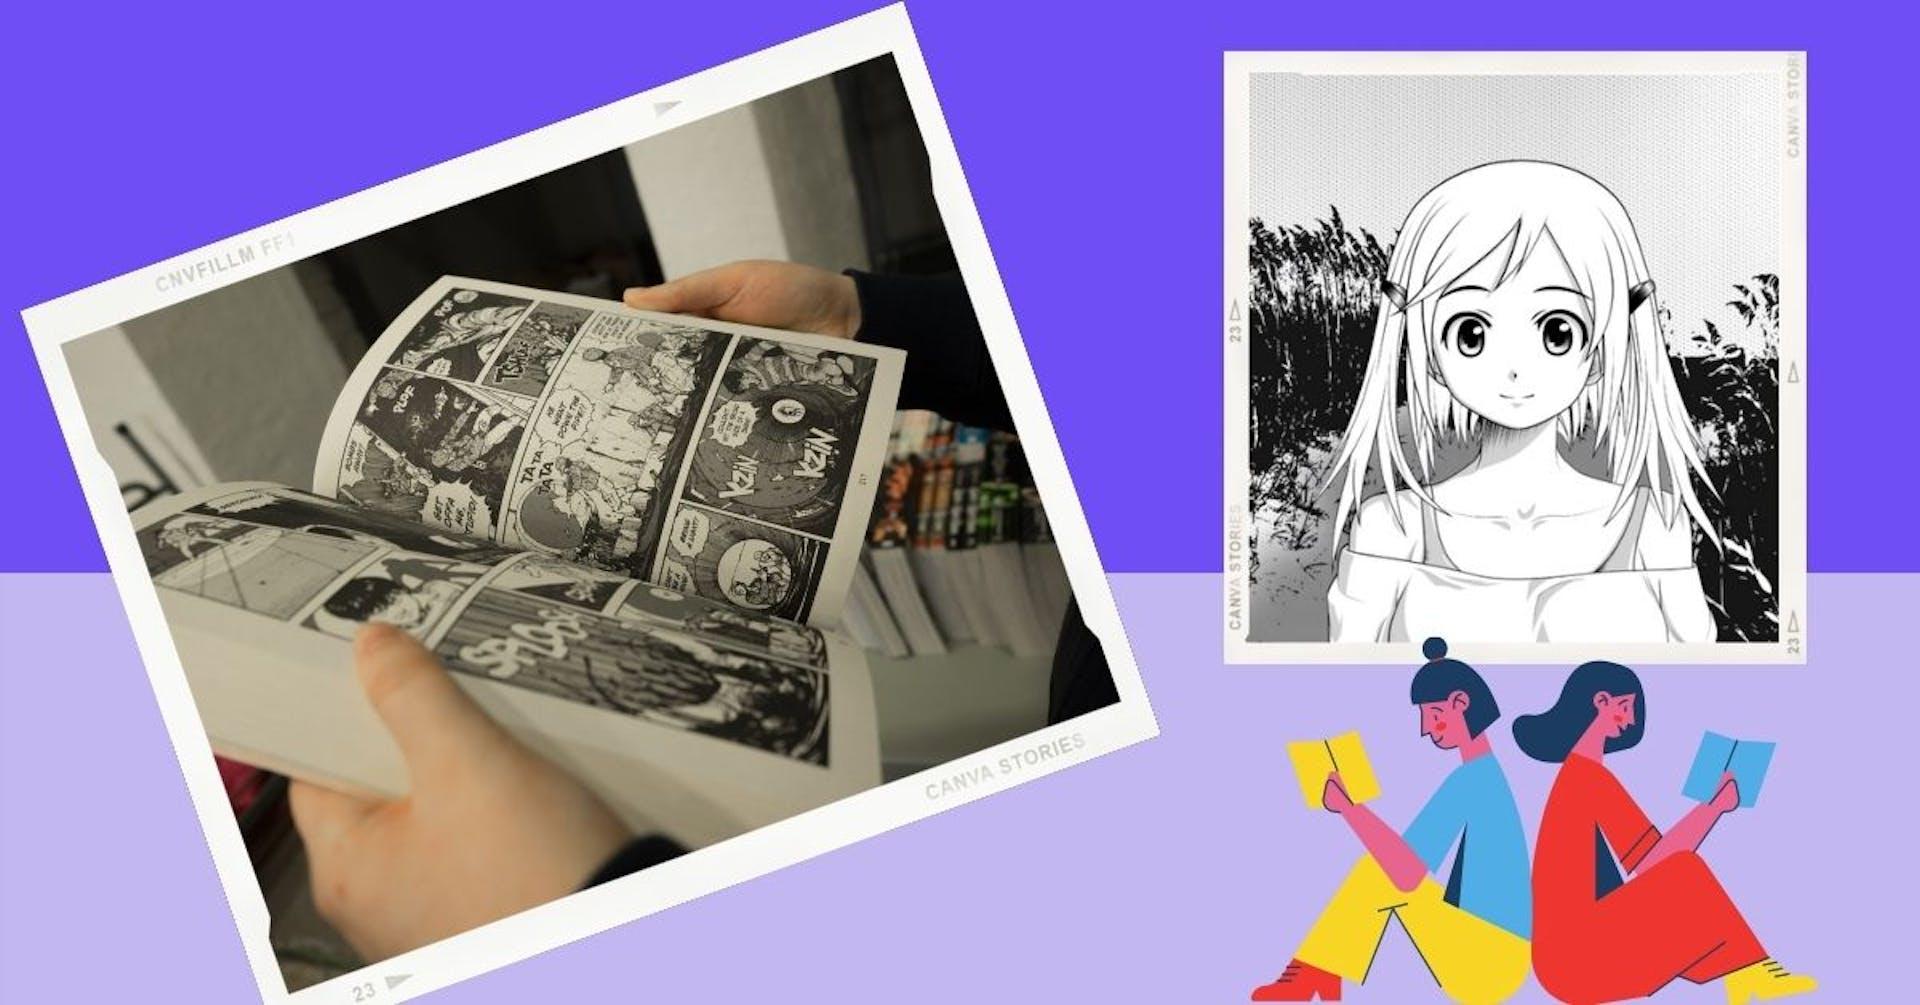 ¿Qué es el manga? El cómic japonés que ha traspasado fronteras